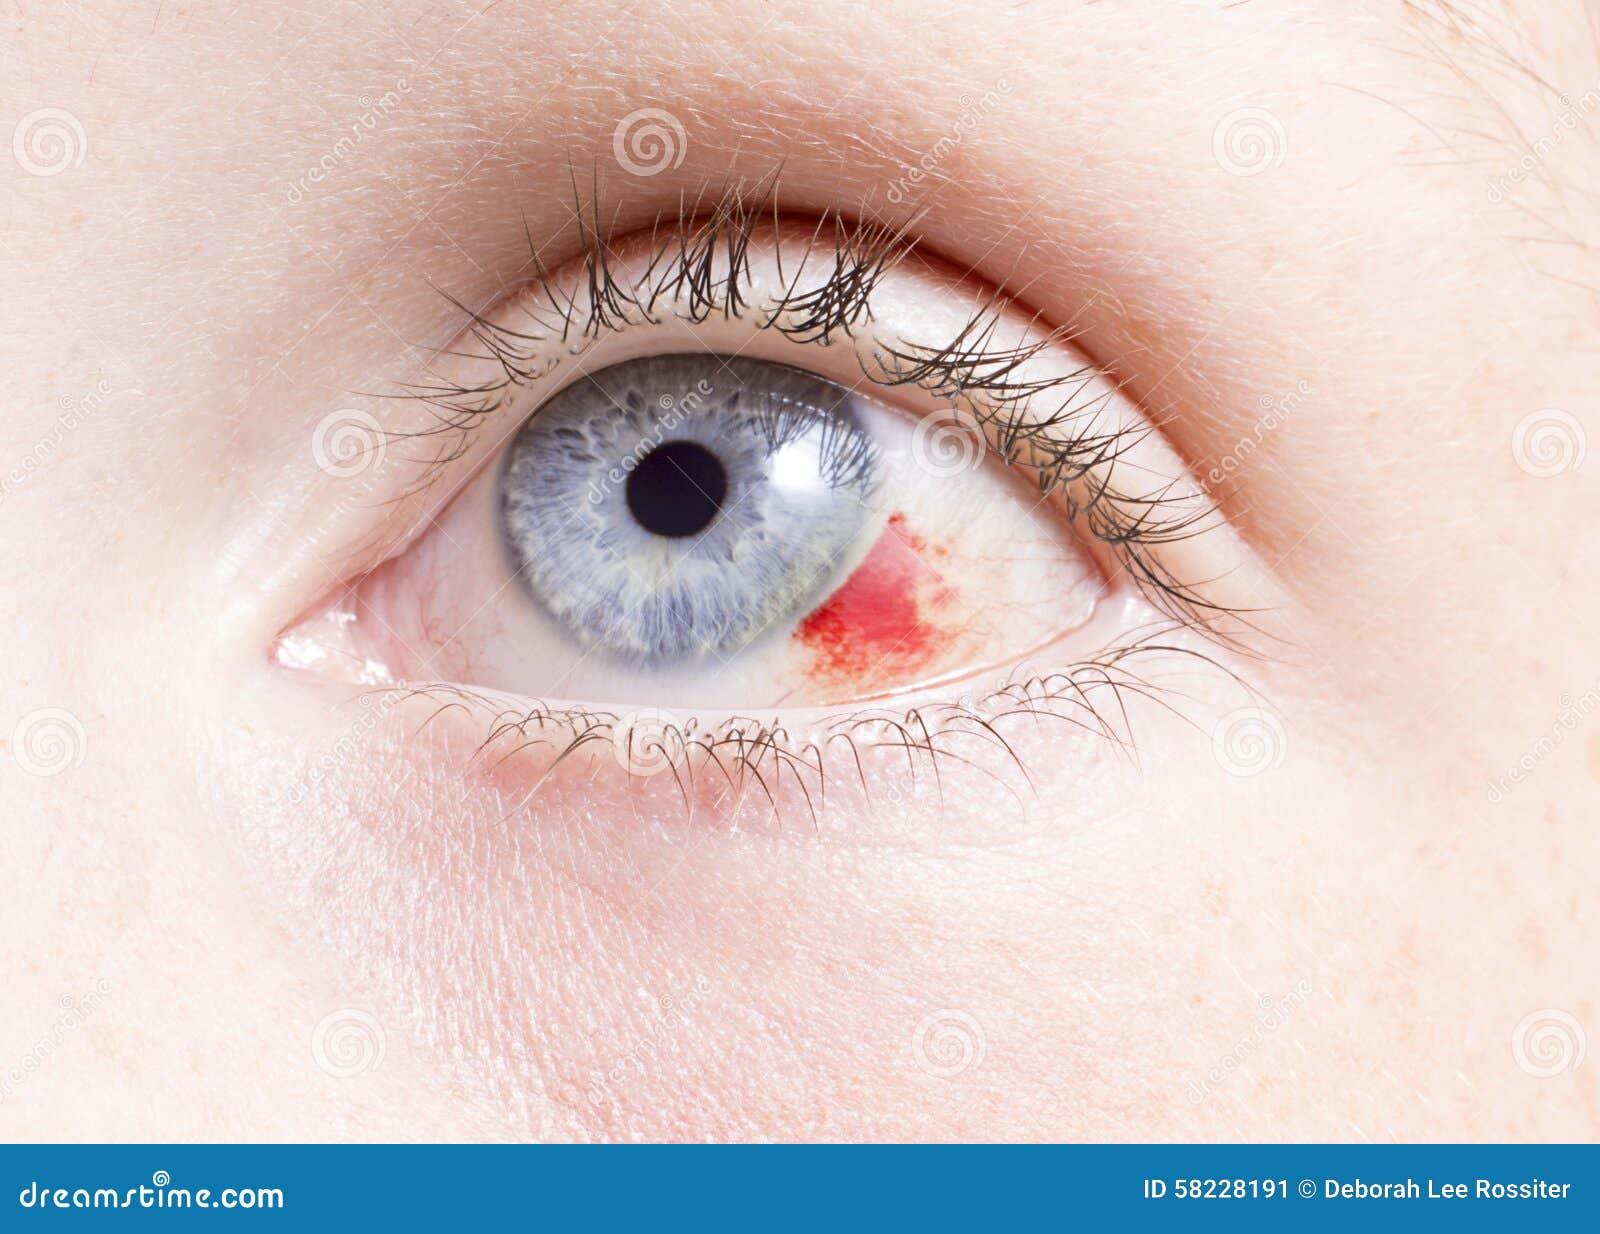 Lesione agli occhi